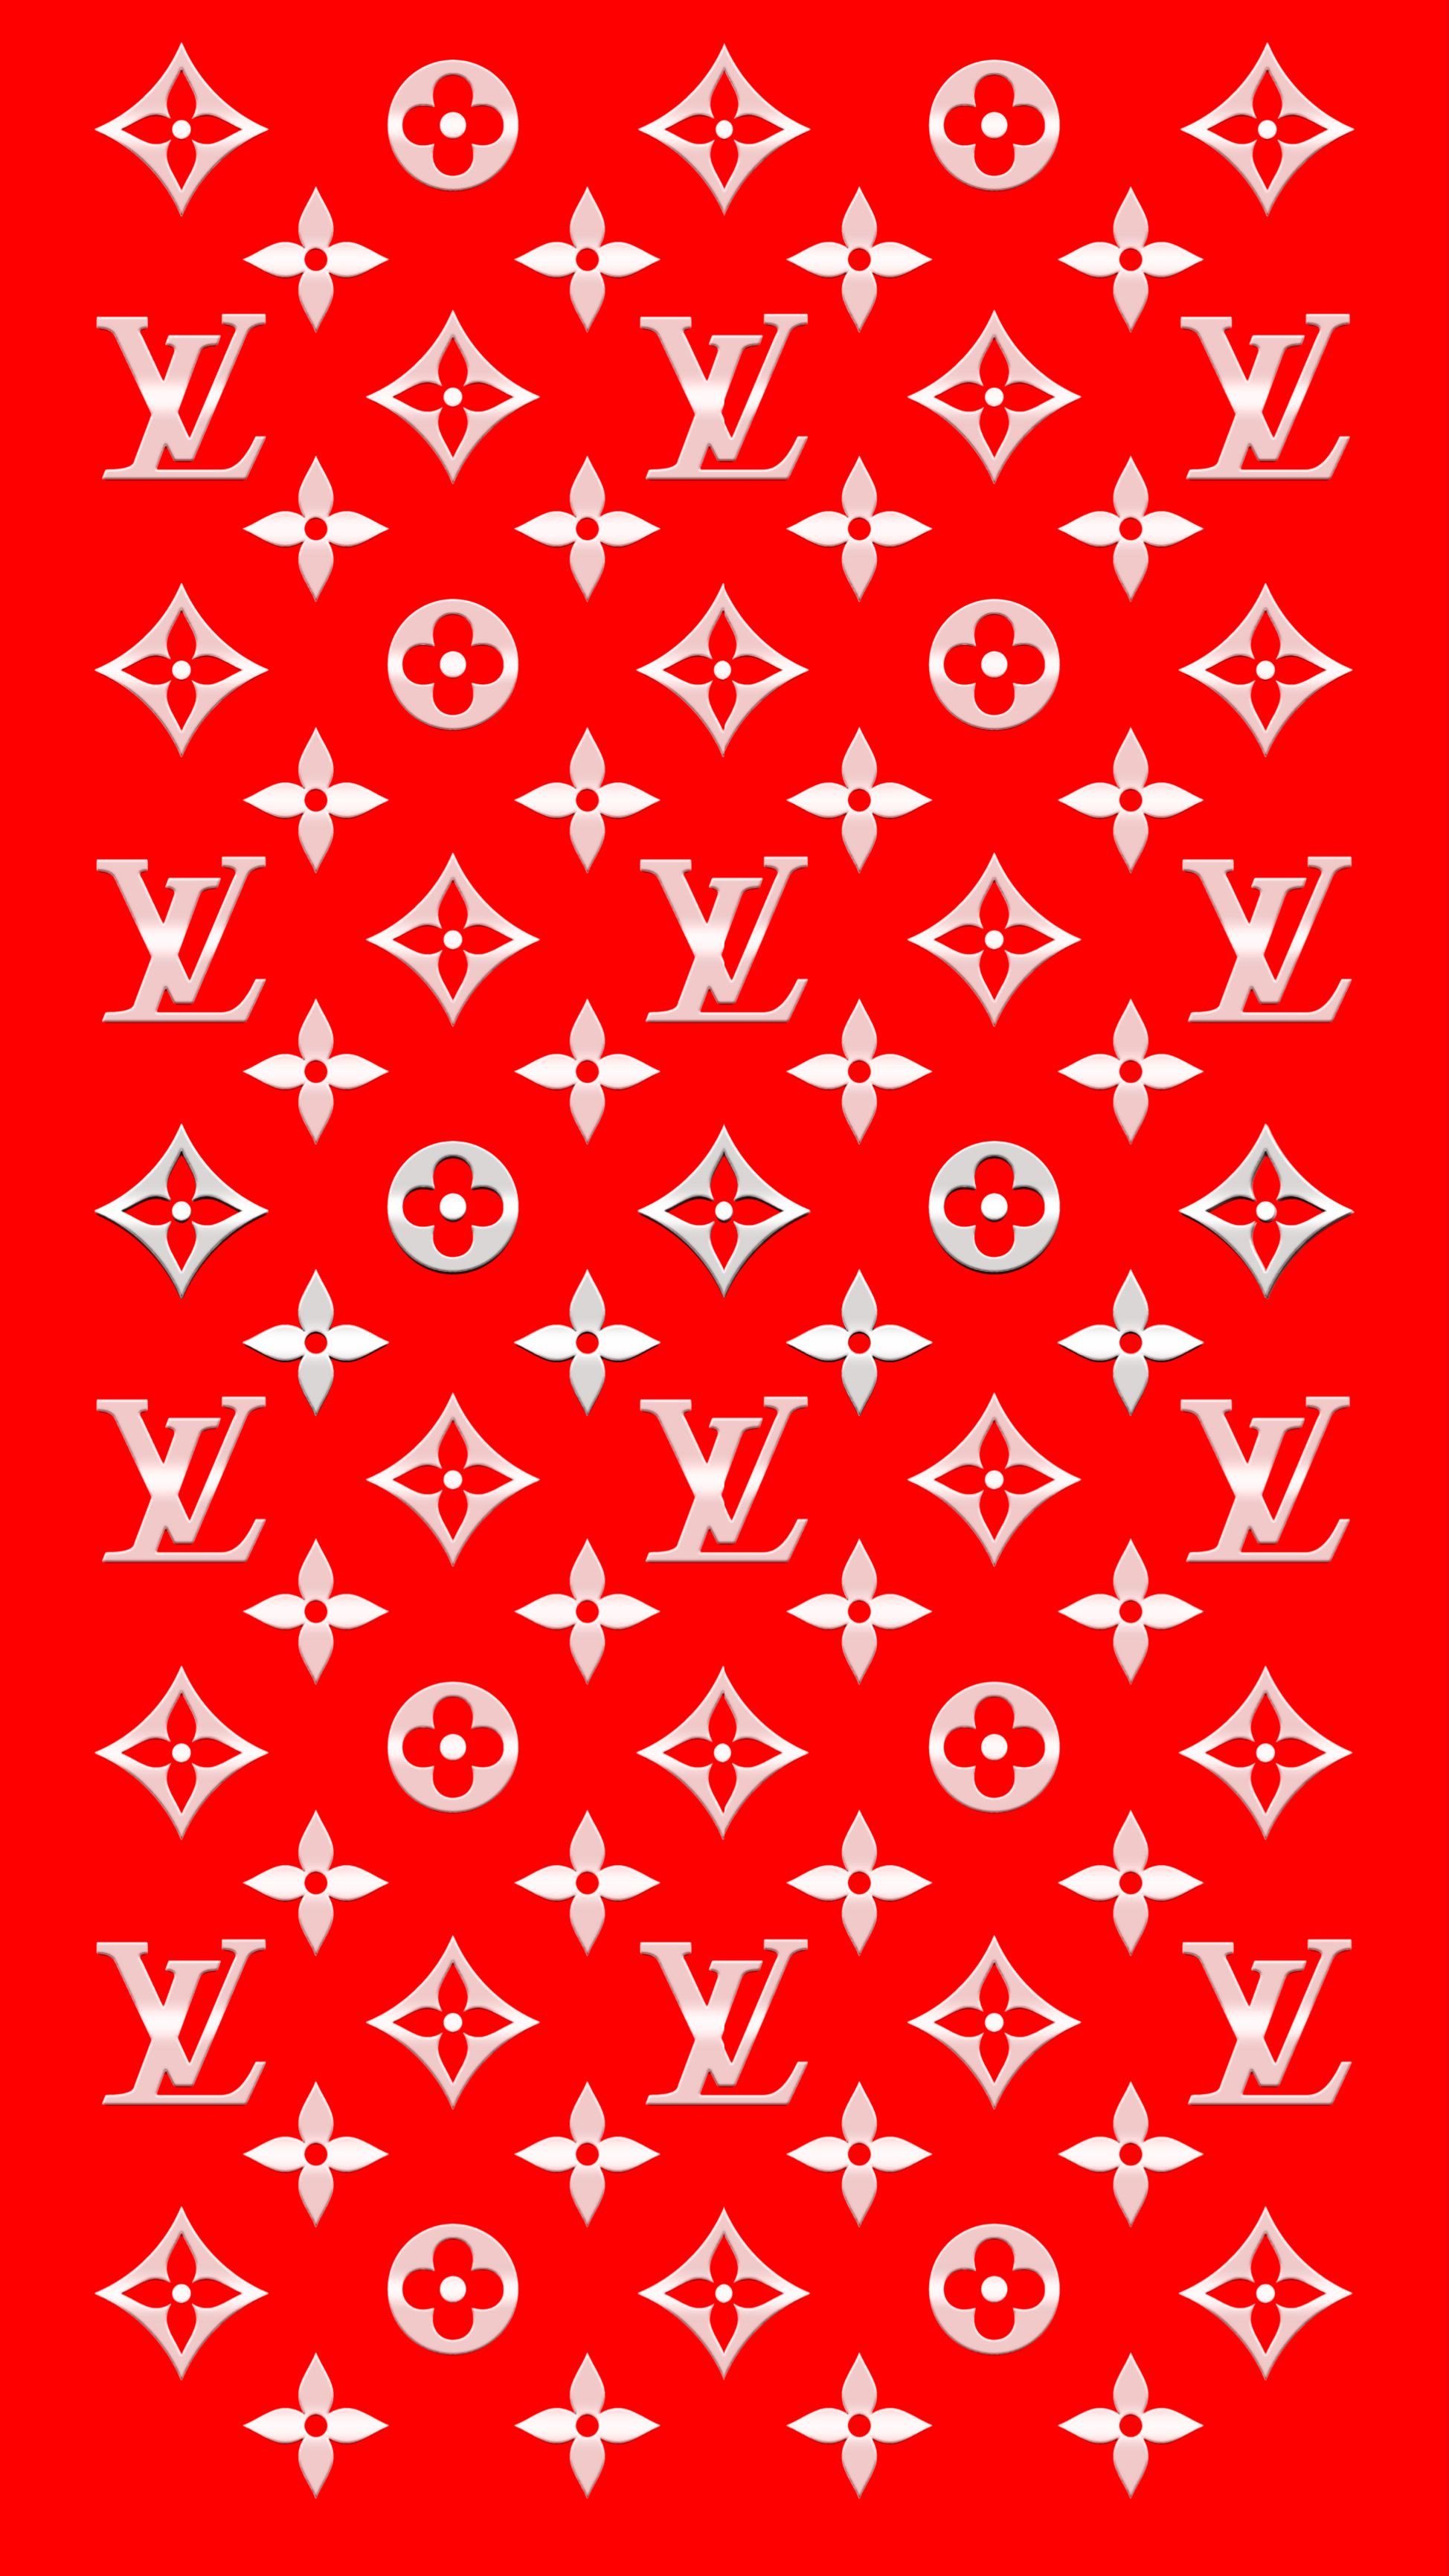 Louis Vuitton Wallpapers High Quality - HDWallpaper9